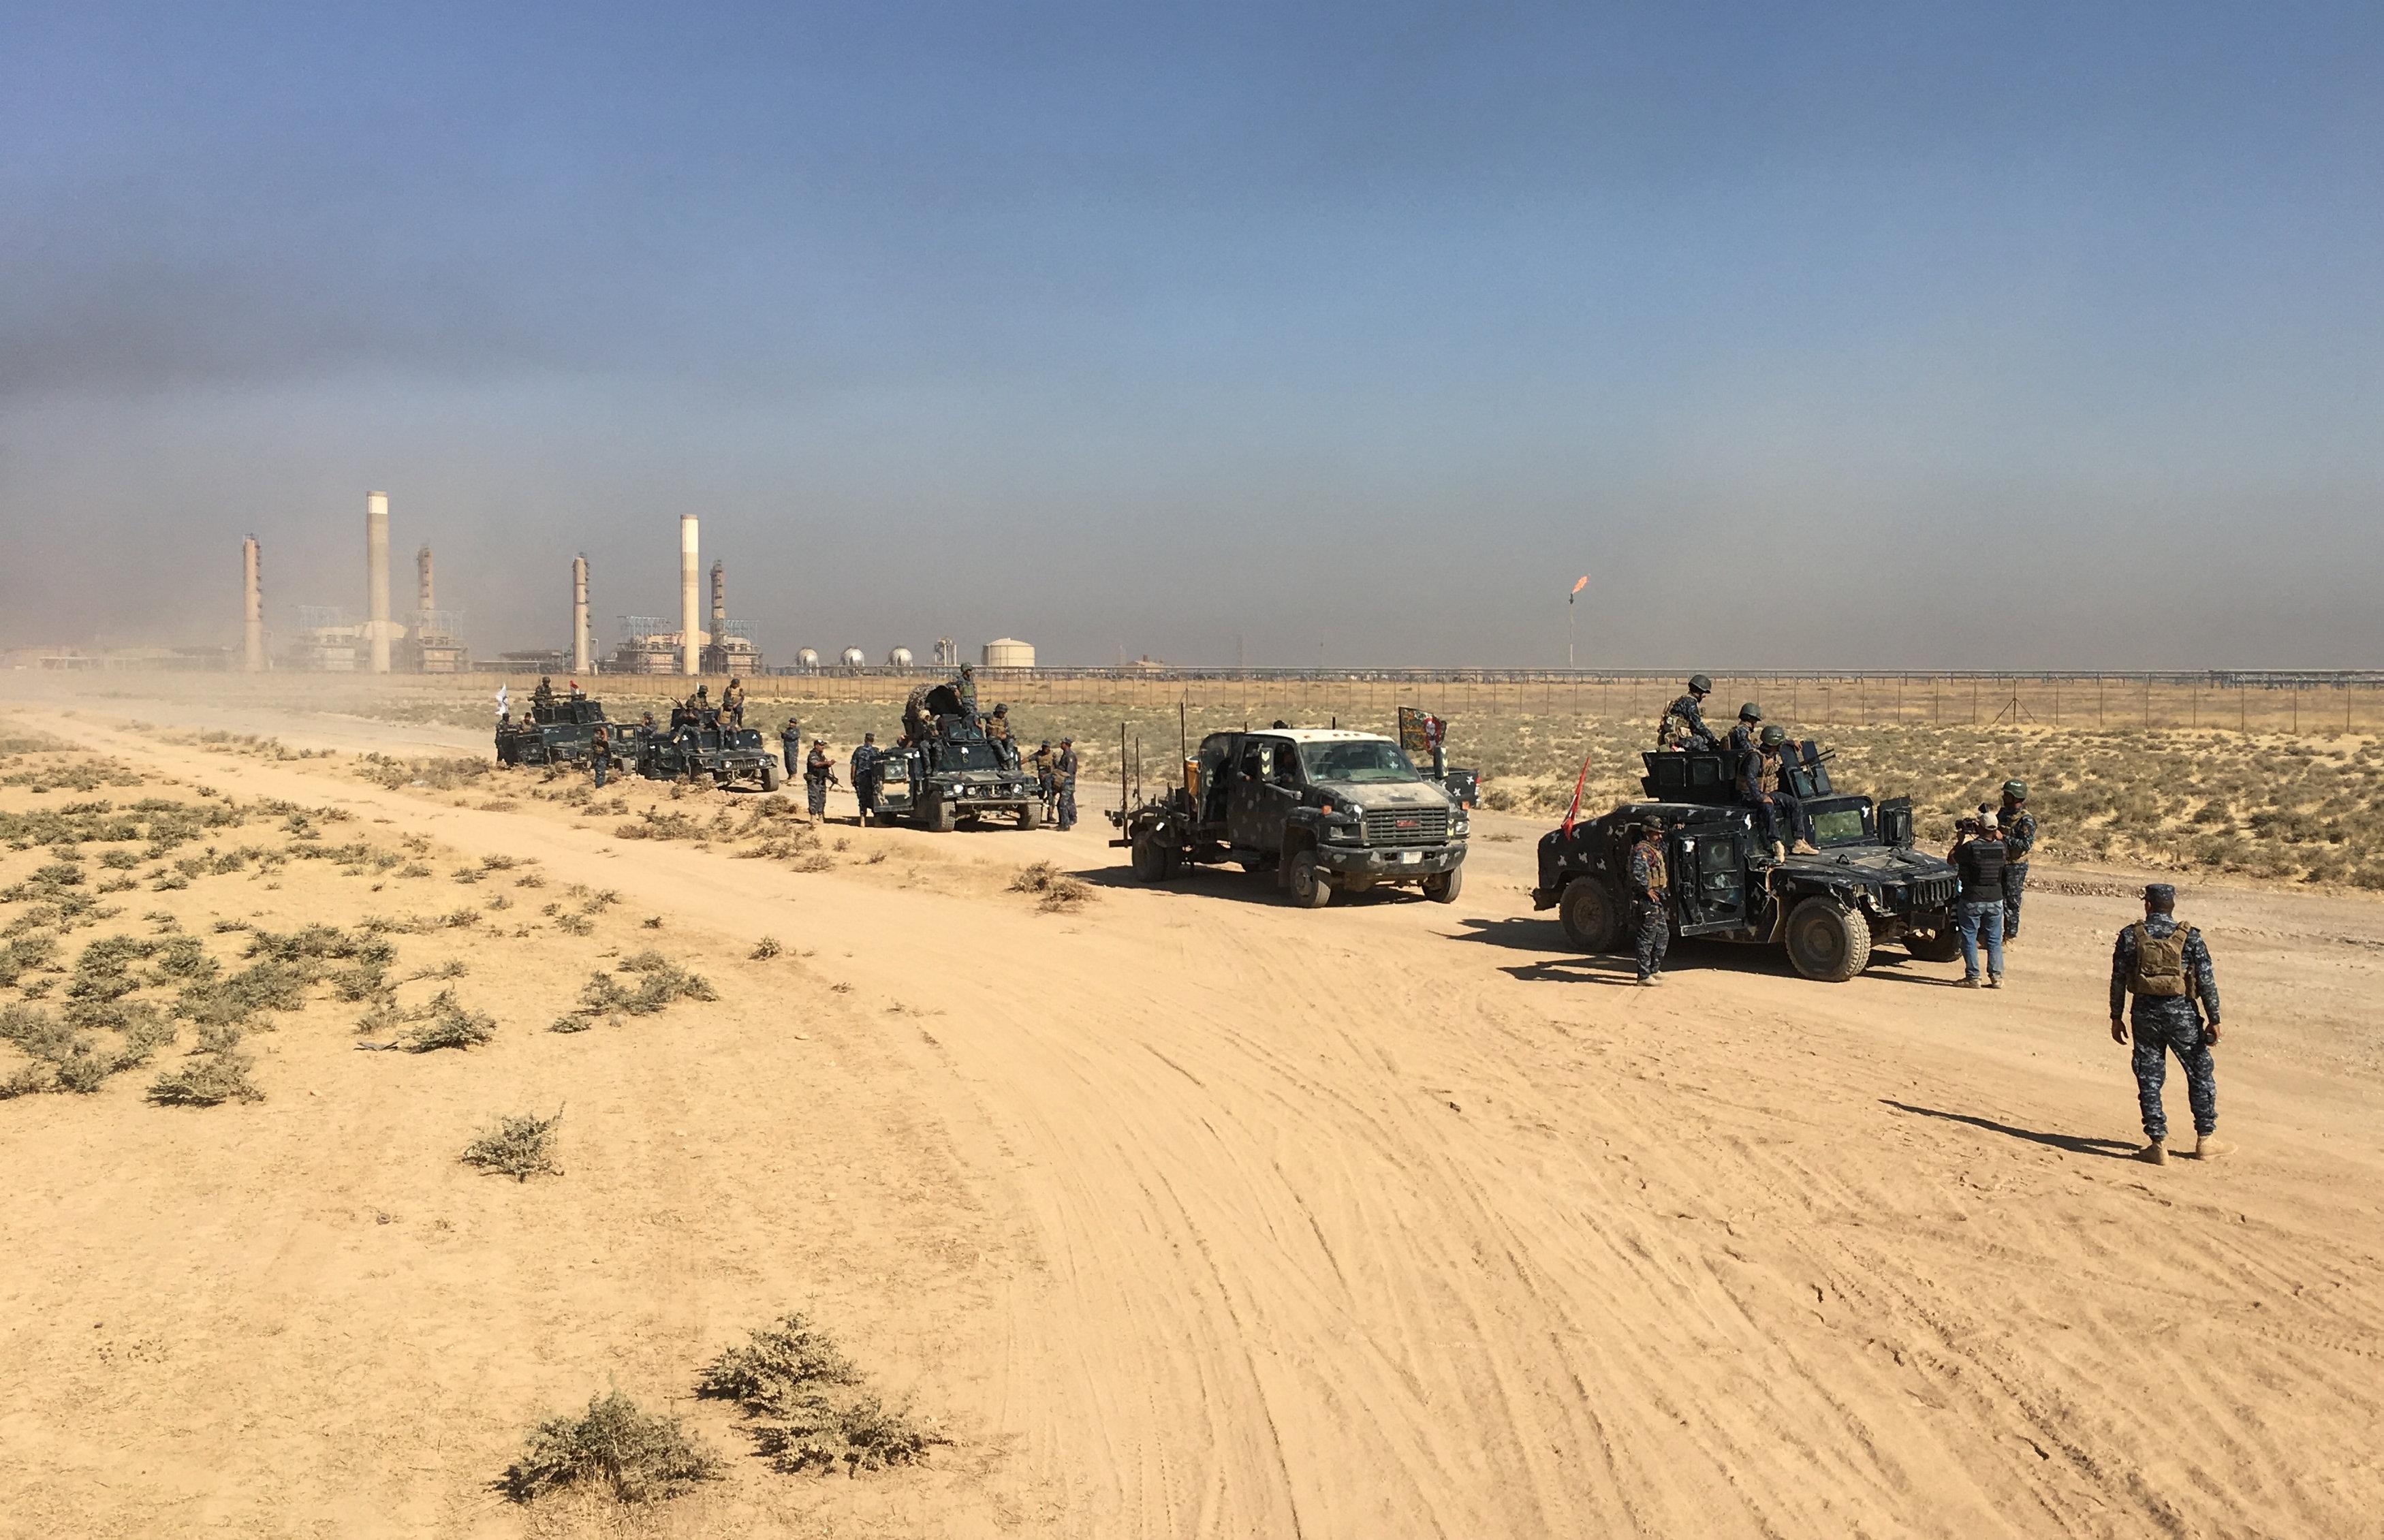 مقتل 4 إرهابيين بينهم انتحارى فى عملية أمنية بمدينة سامراء